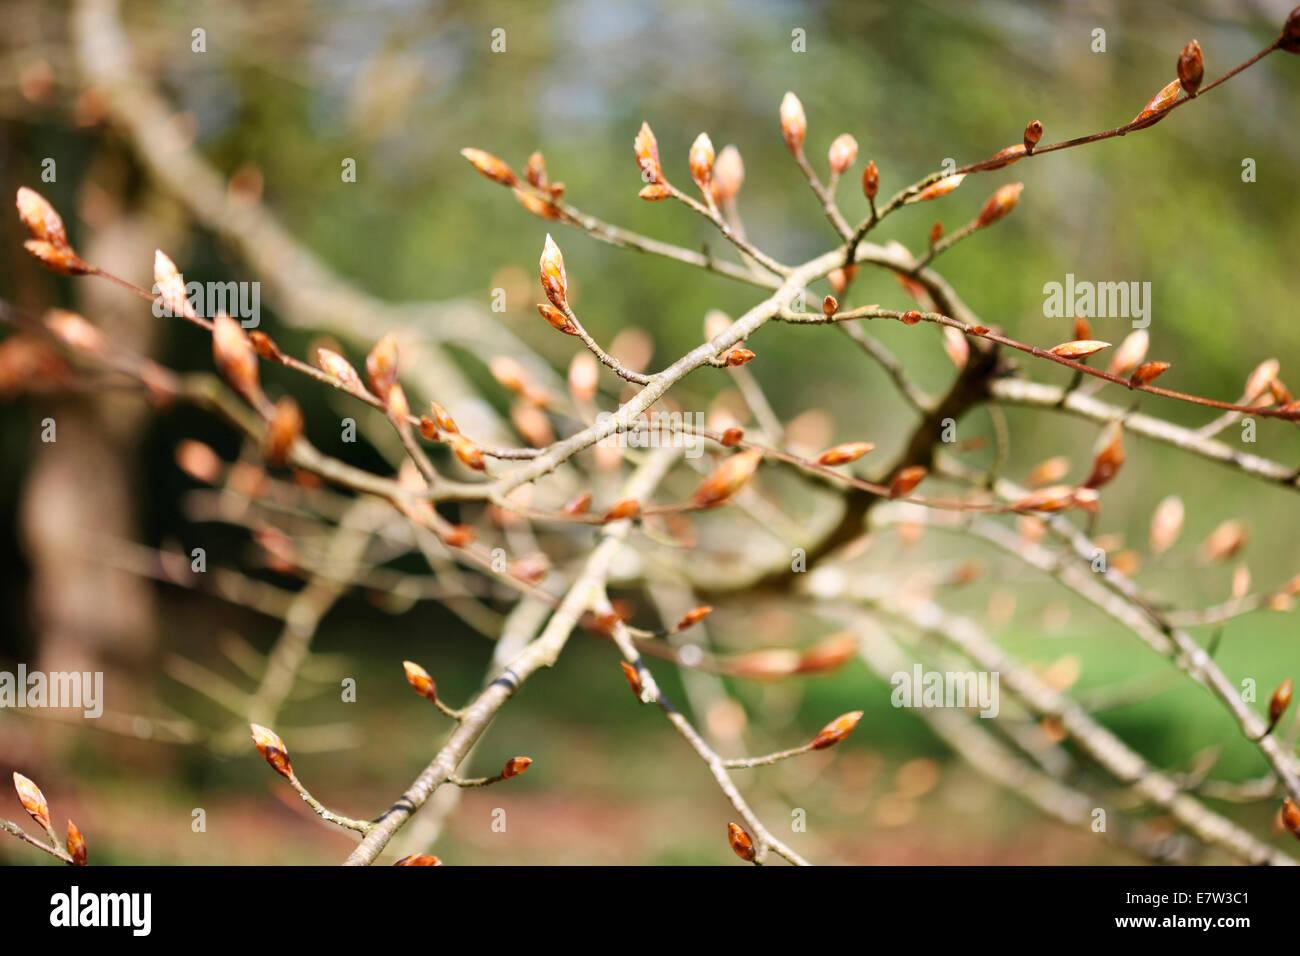 Les bourgeons de la vie nouvelle - la puissance de gaia ©Jane Ann Butler Photography JABP1259 Photo Stock